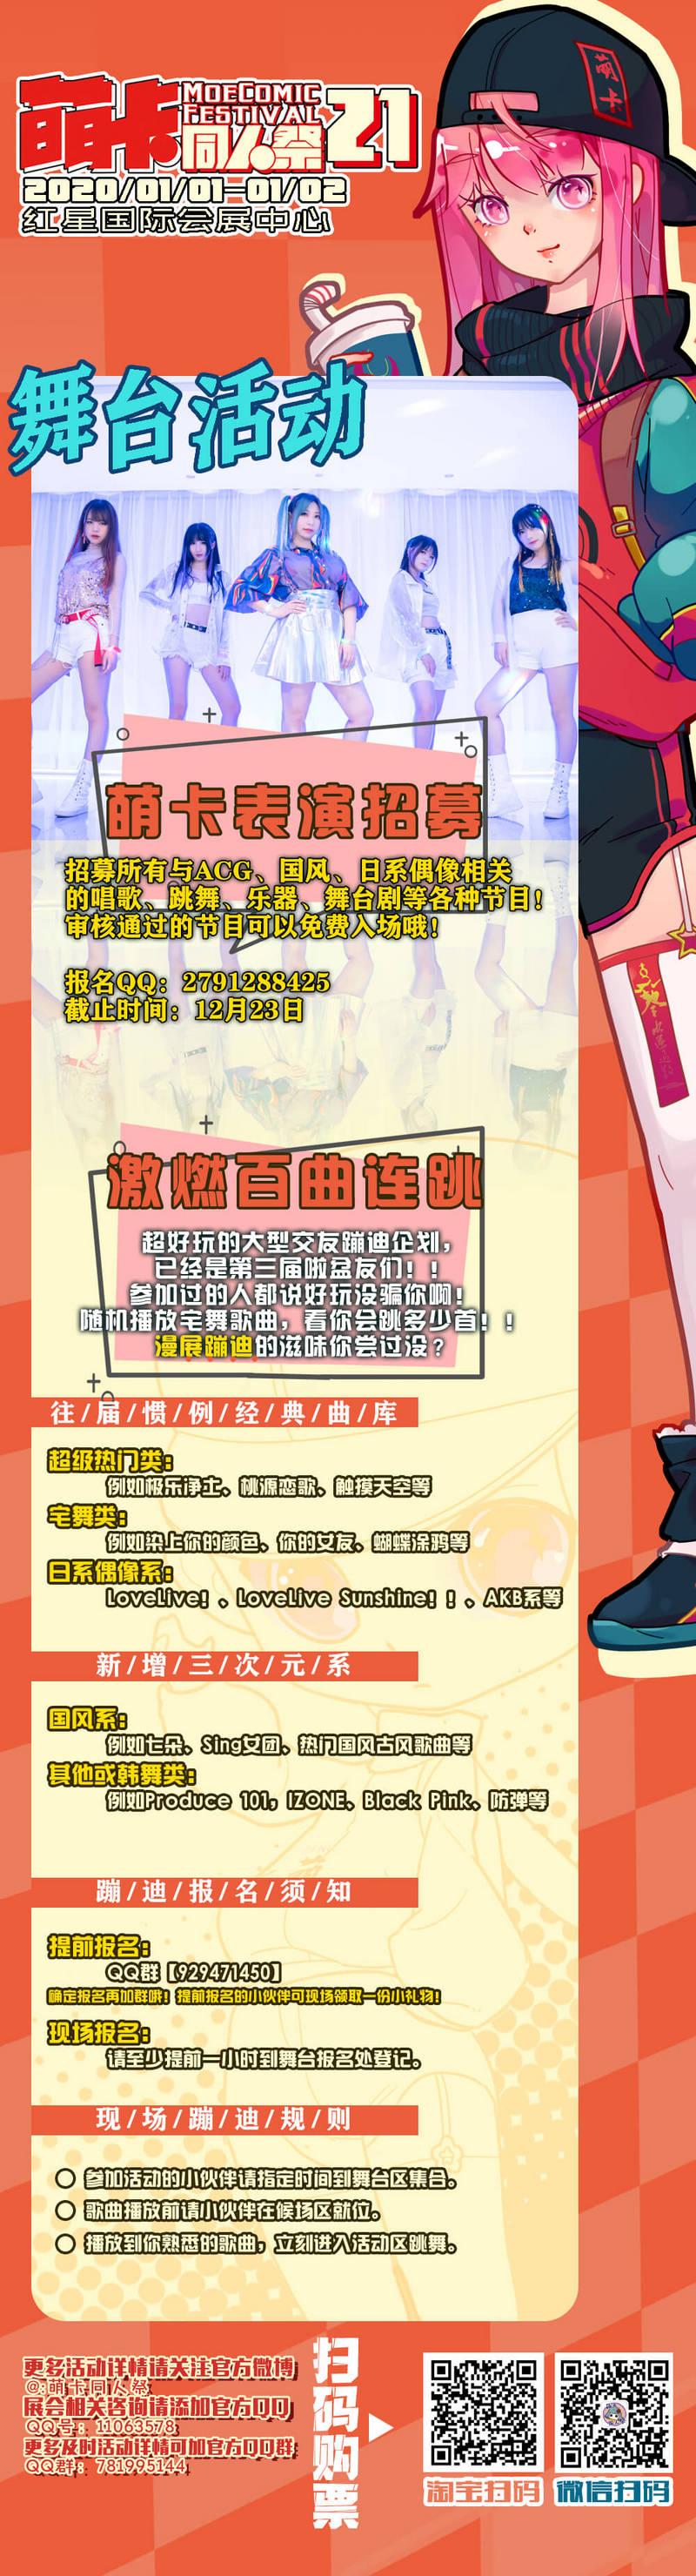 【2020年1月1日-2日】长沙萌卡同人祭!让我们不见不散!-C3动漫网